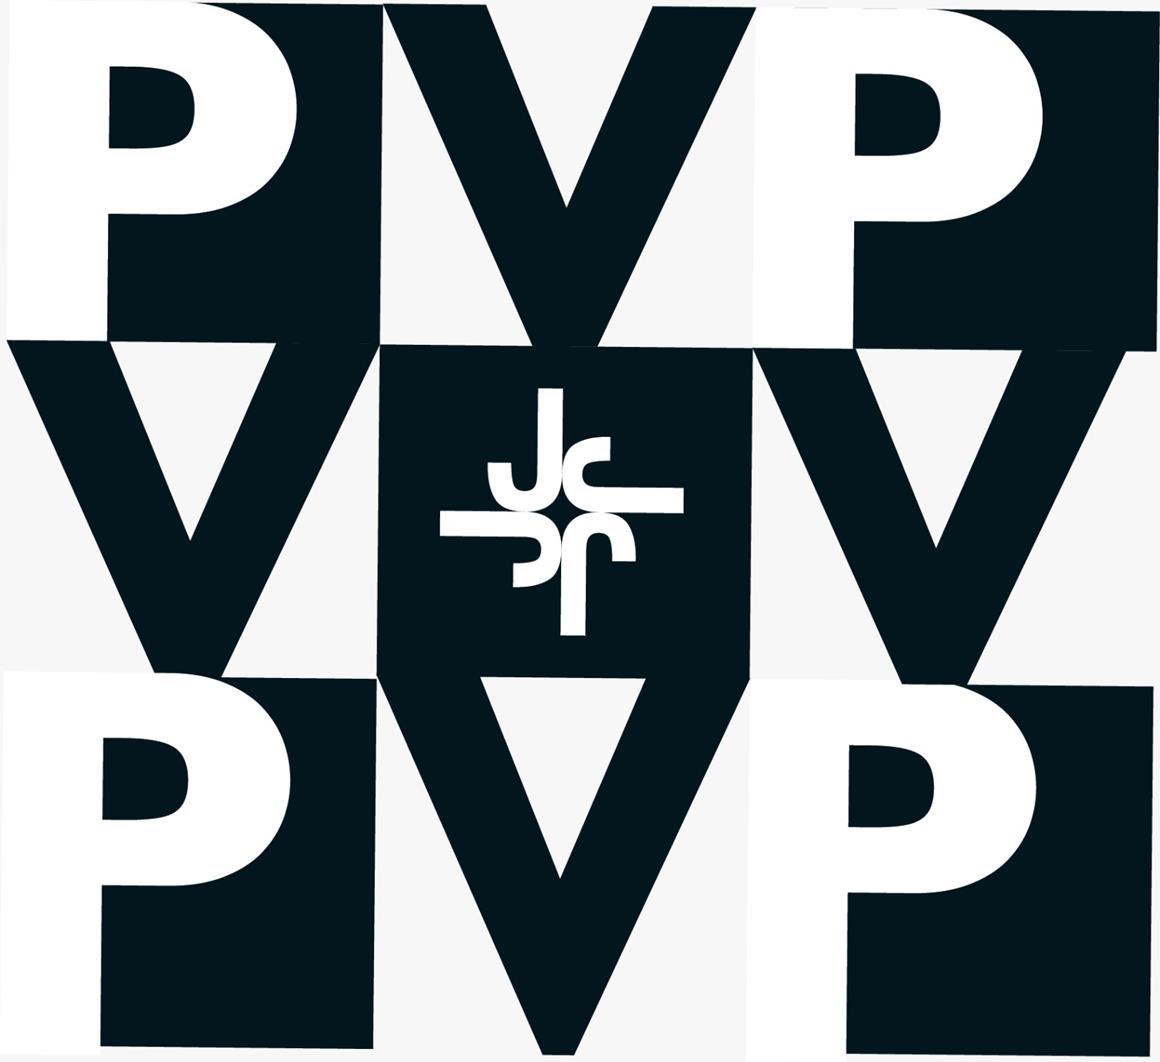 La mítica banda madrileña PVP, se une a la familia de ZAS! Producciones